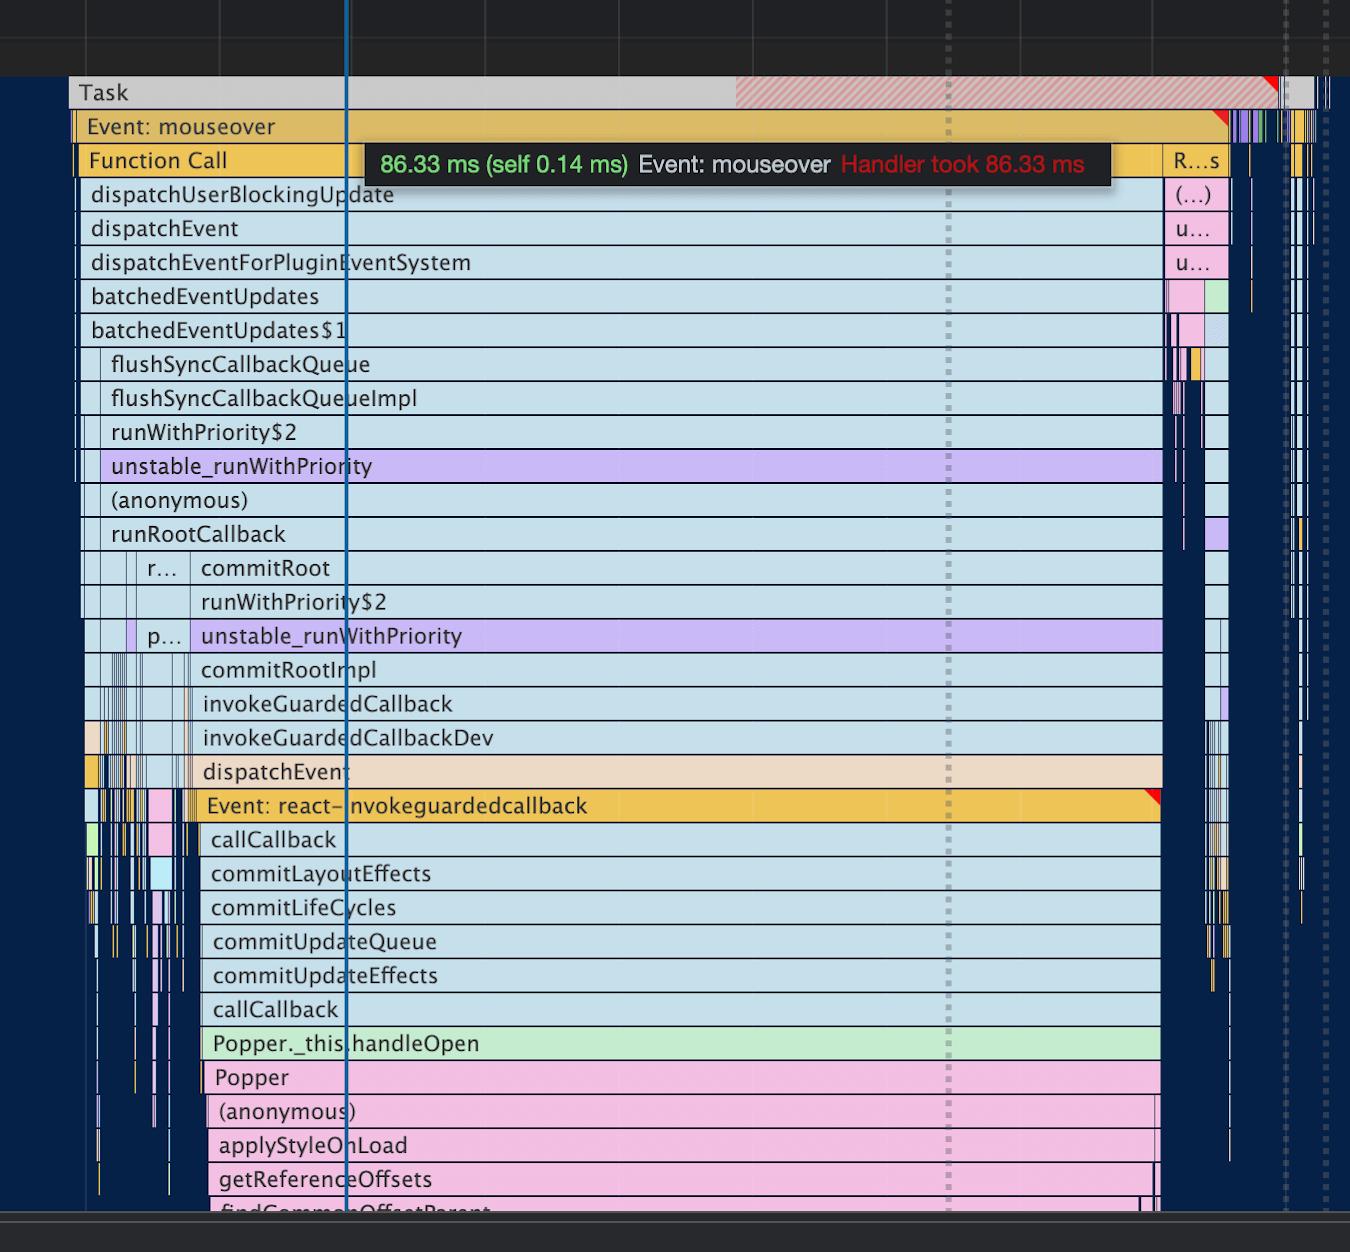 Tooltip performance timeline